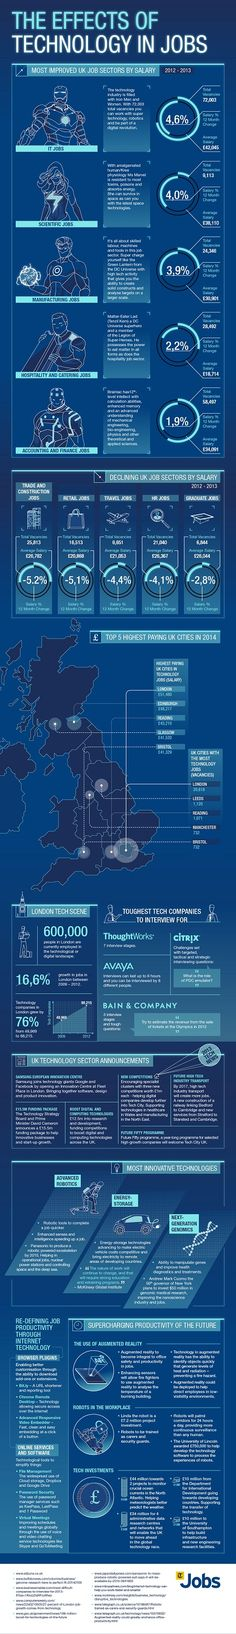 Los efectos de la tecnología en el empleo - core business - Forbes España